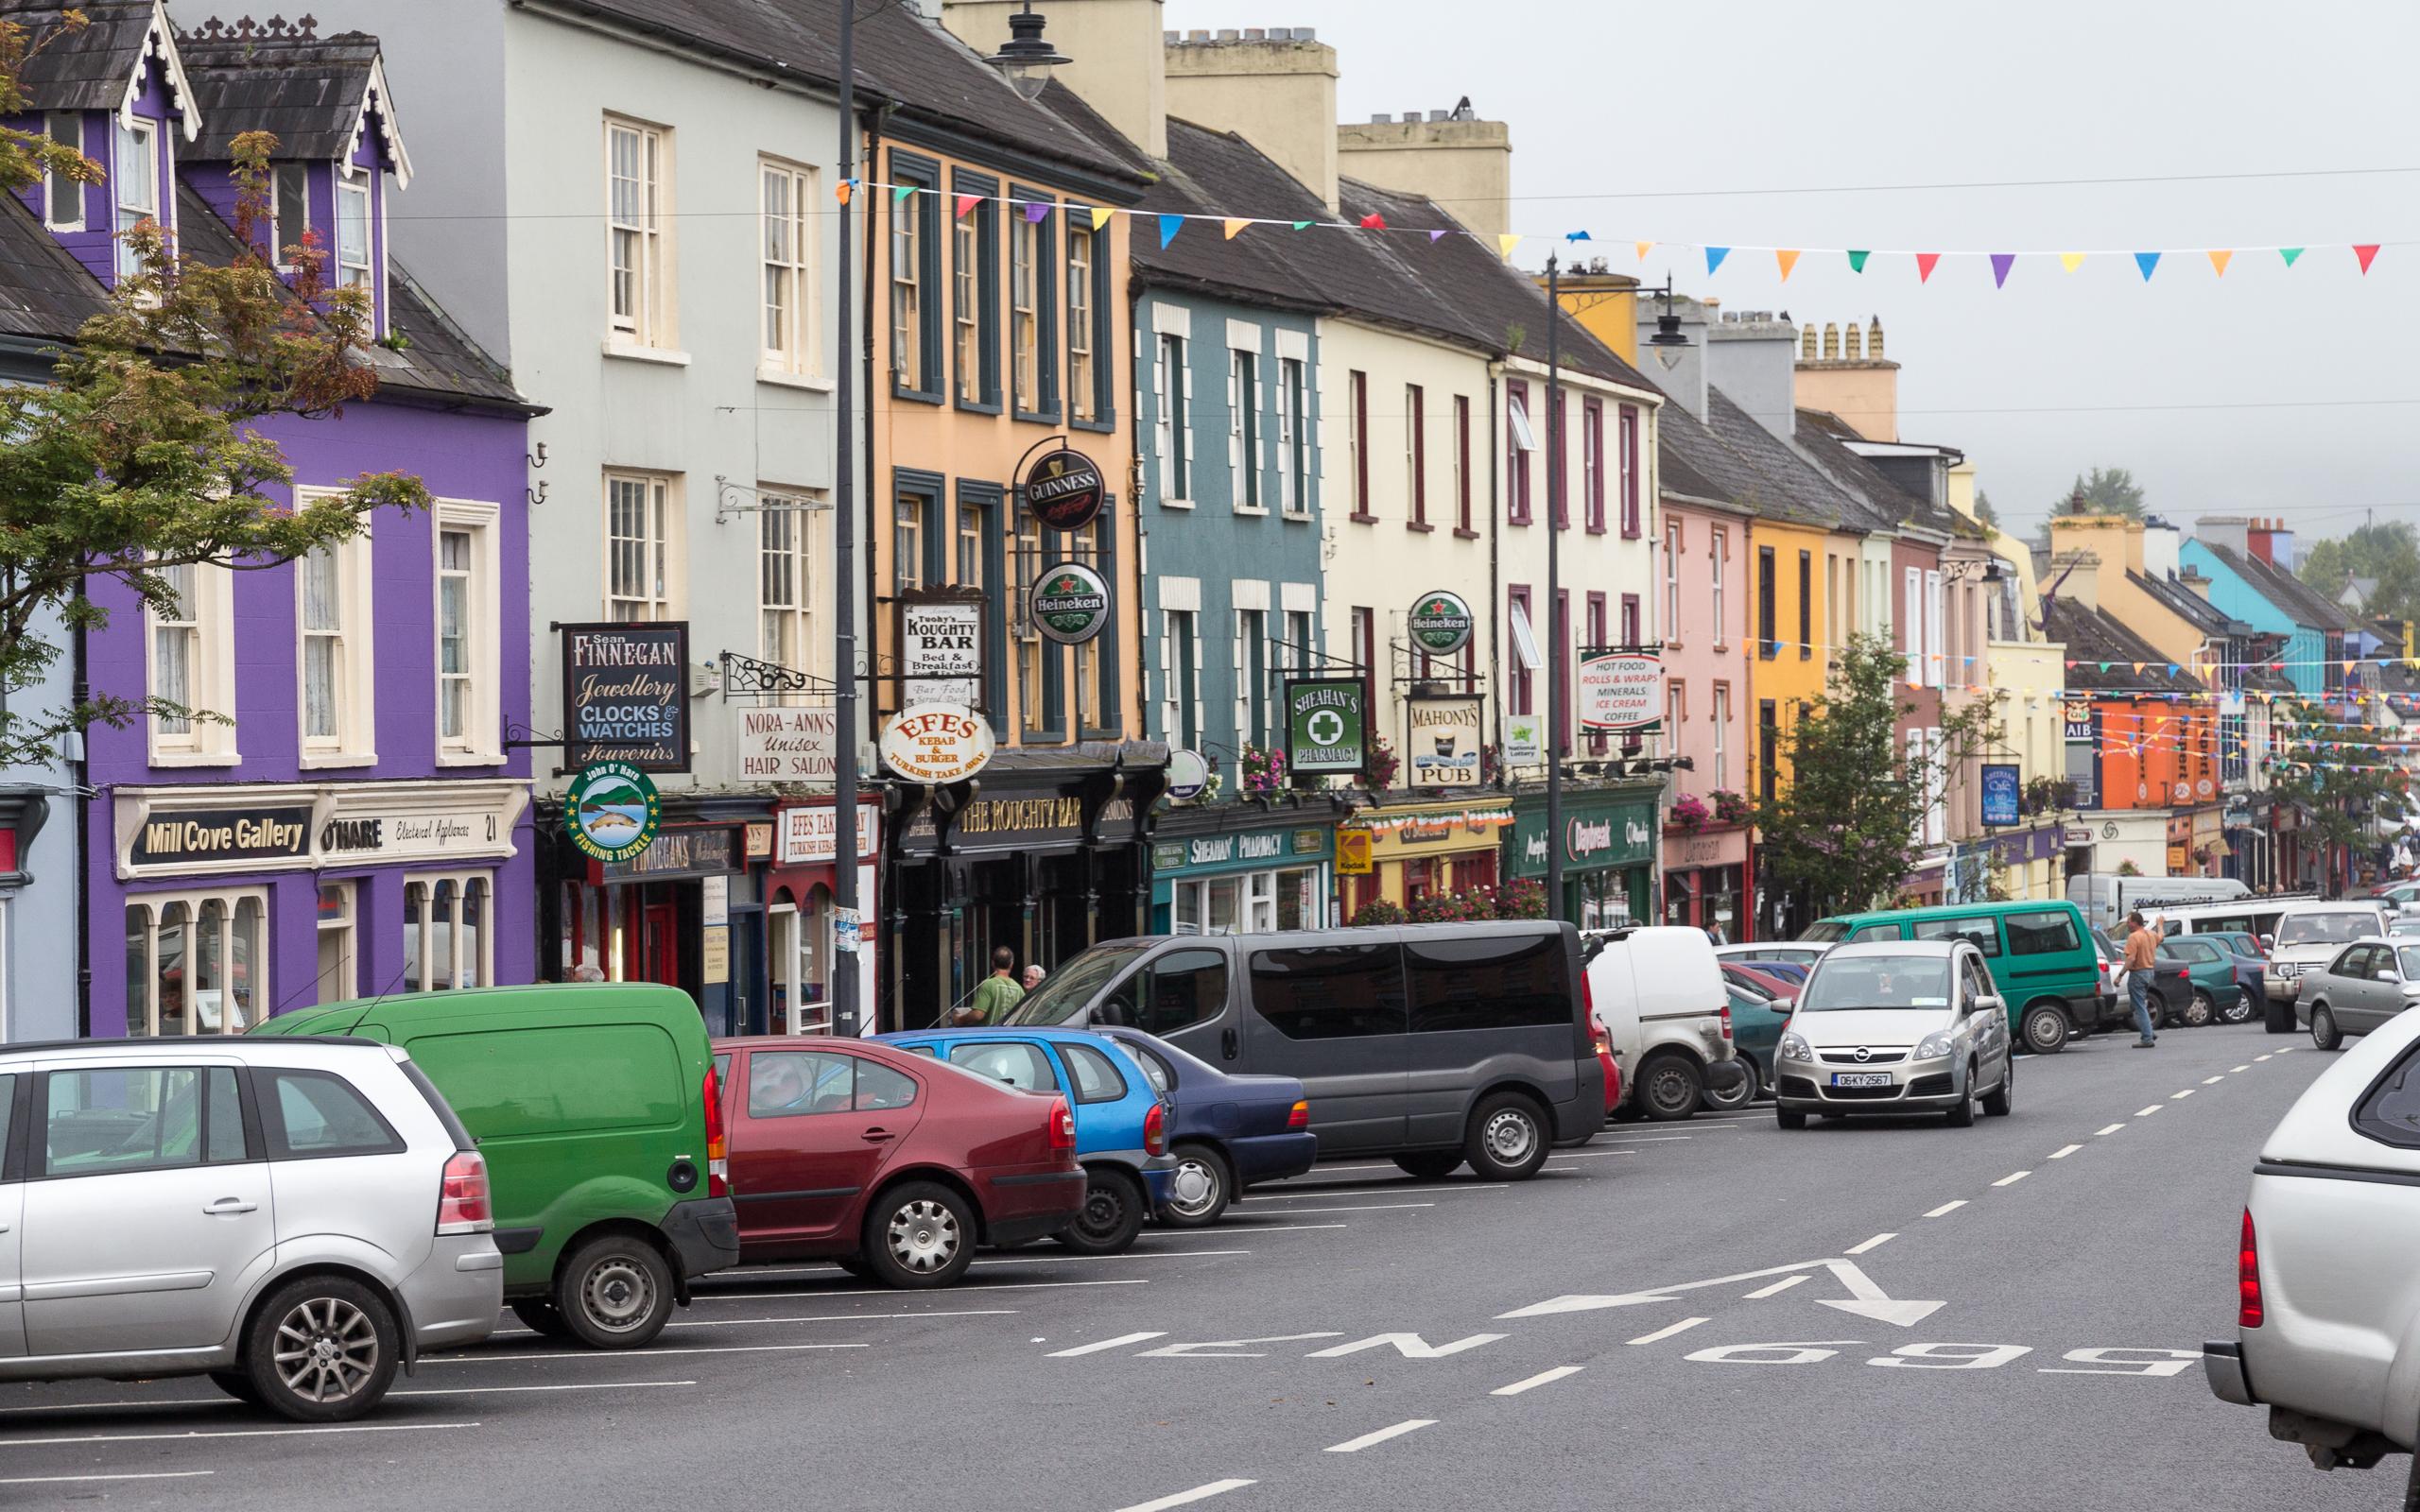 File:Main Street in Kenmare II.jpg - Wikimedia Commons